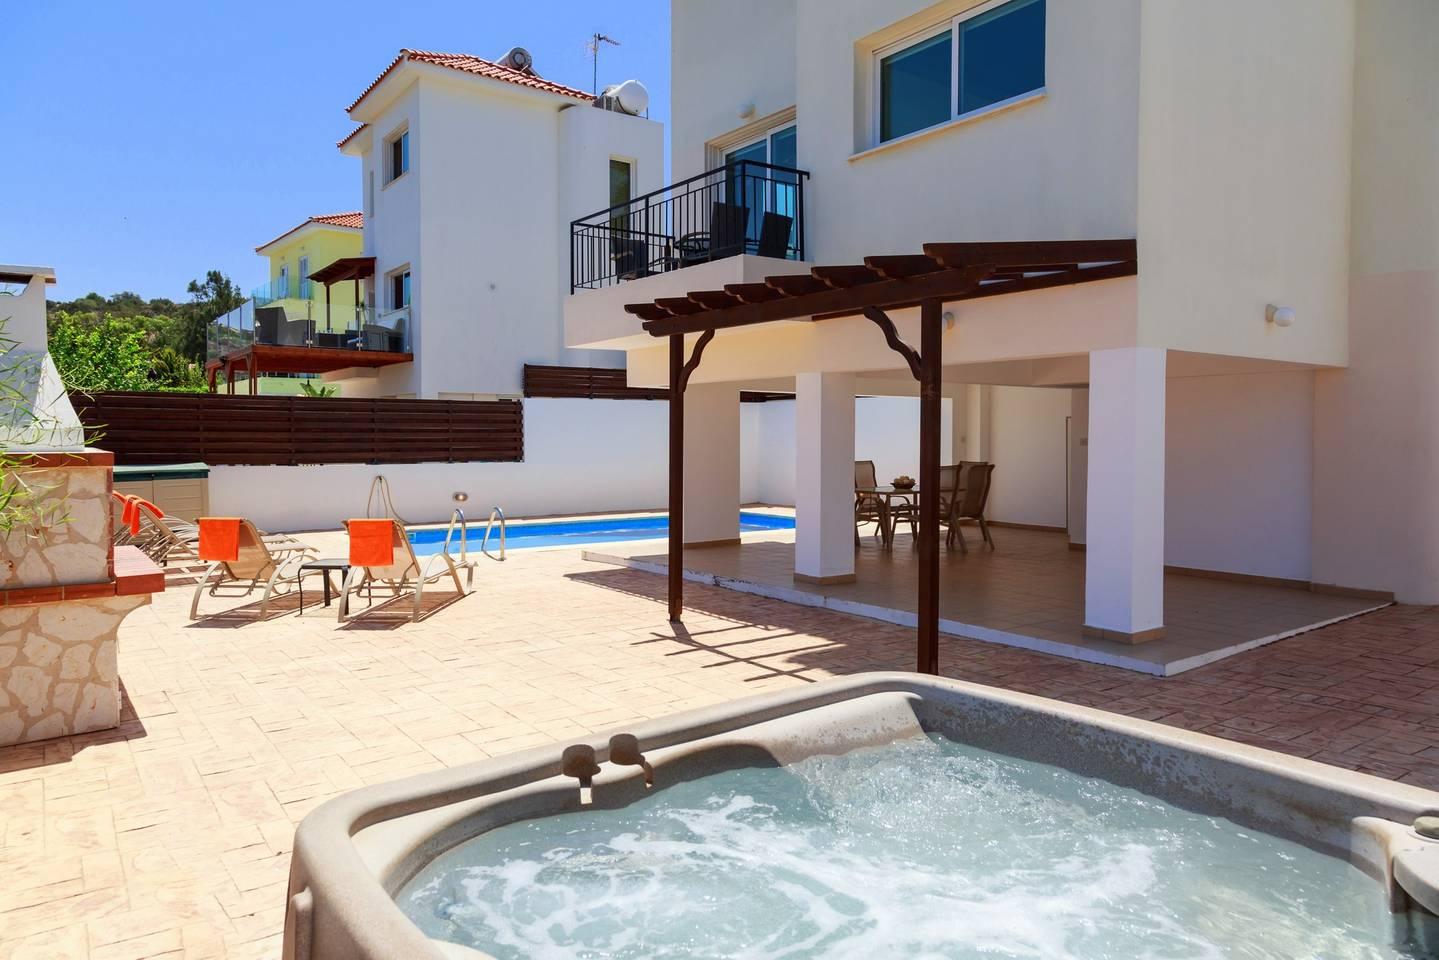 Villa Elias - 2 Bedrooms - Private Pool & Hot Tub photo 18833021